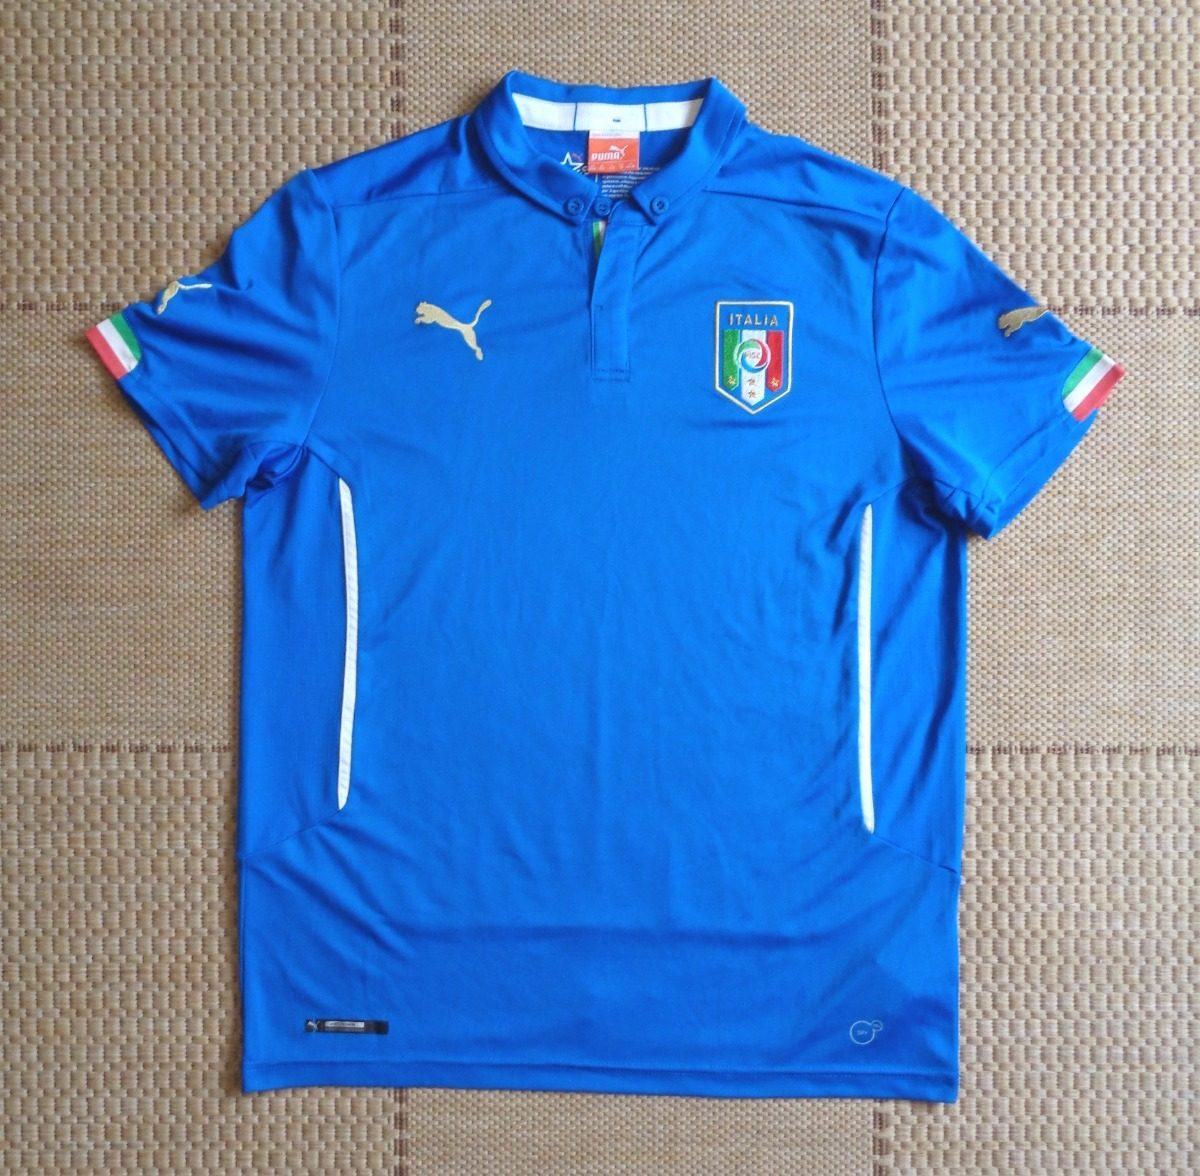 65b5e931f1859 camisa original itália 2014 2015 home balotelli. Carregando zoom.